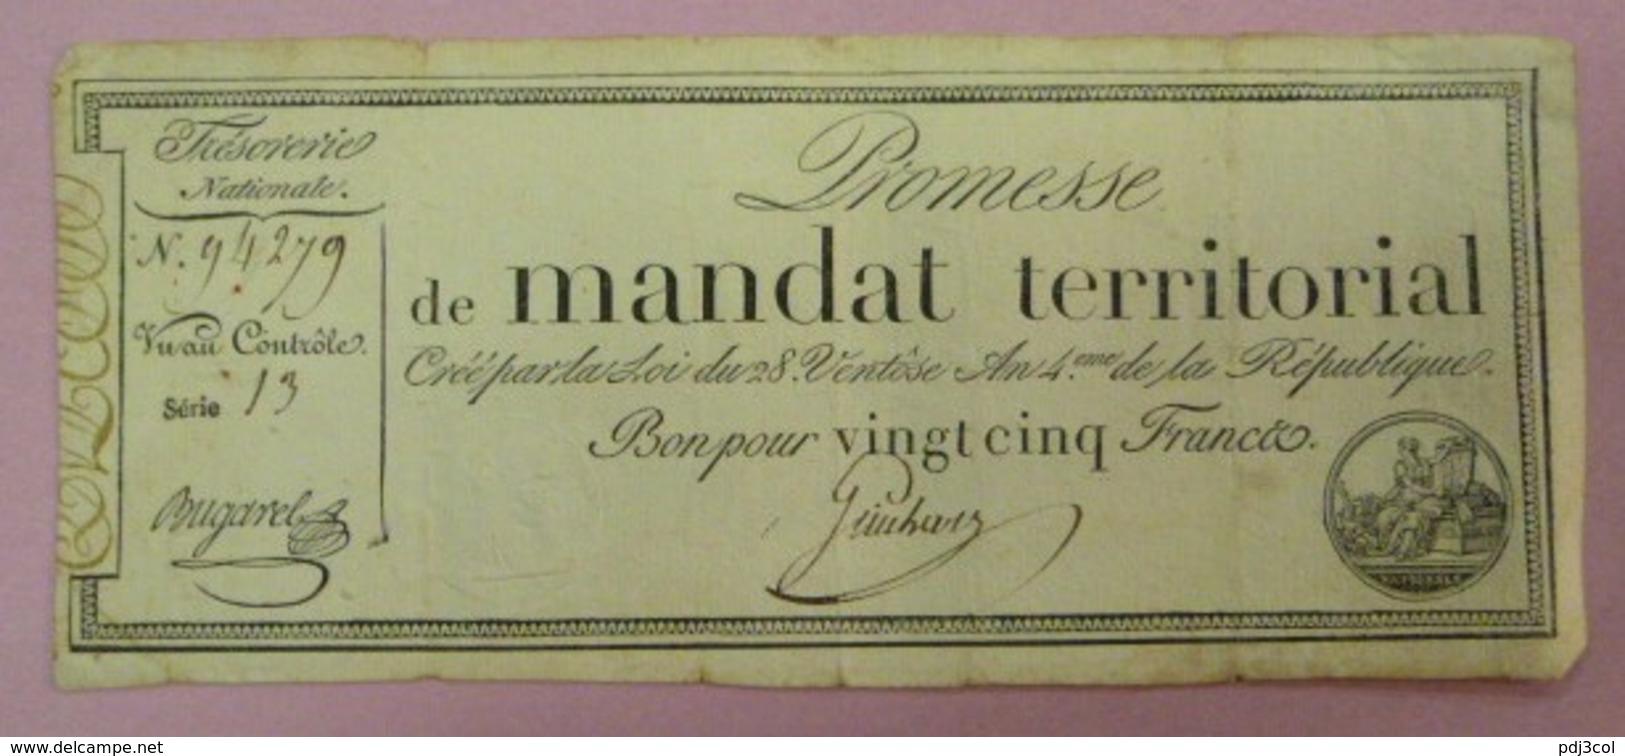 Promesse De Mandat Territorial - Bon Pour 25 Francs, Impression Noire, Série 13 Lafaurie N°200 - Assignate